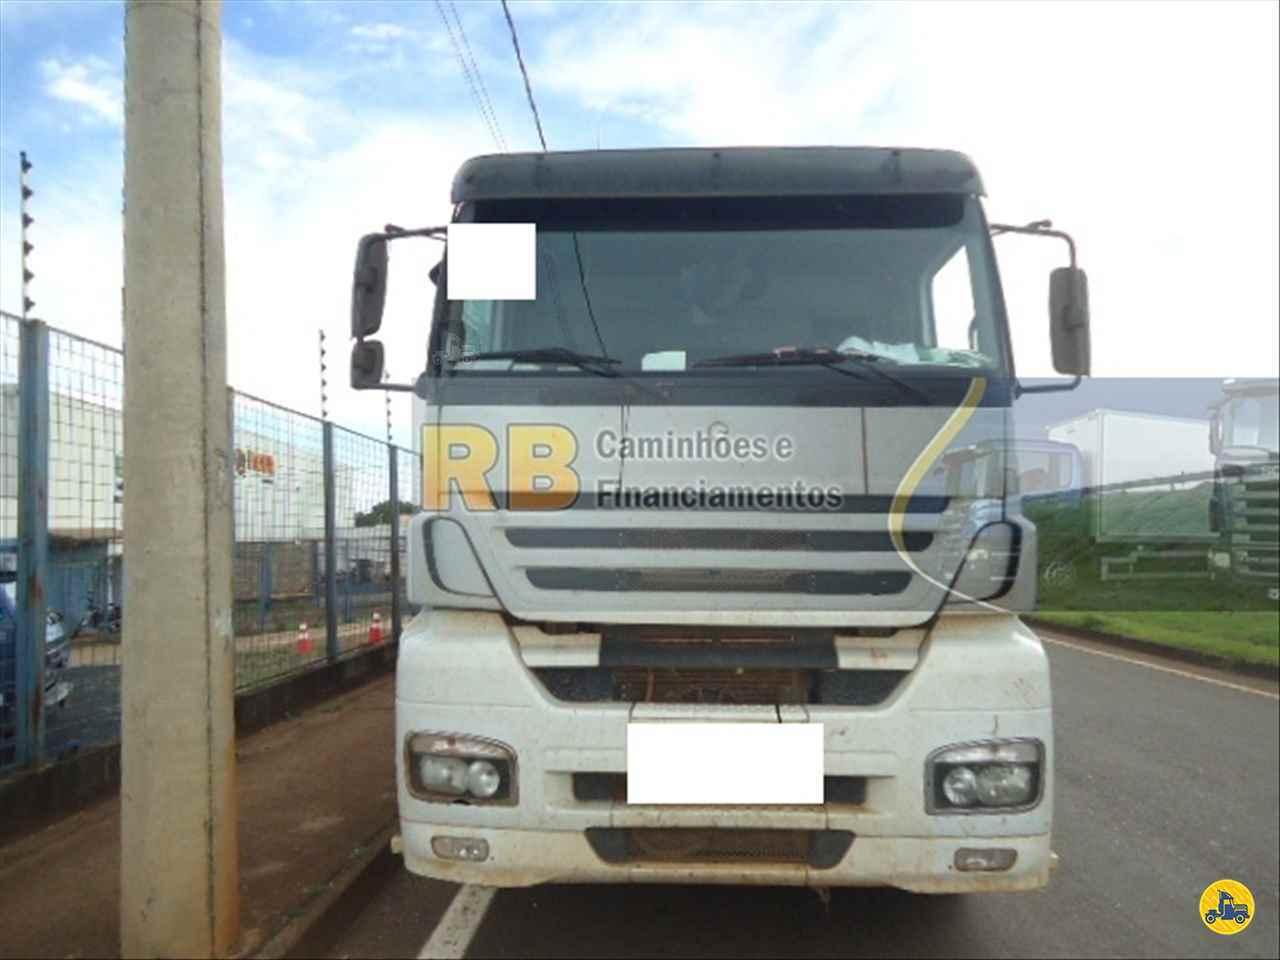 CAMINHAO MERCEDES-BENZ MB 2540 Cavalo Mecânico Truck 6x2 RB Caminhões & Financiamentos ARAGUARI MINAS GERAIS MG